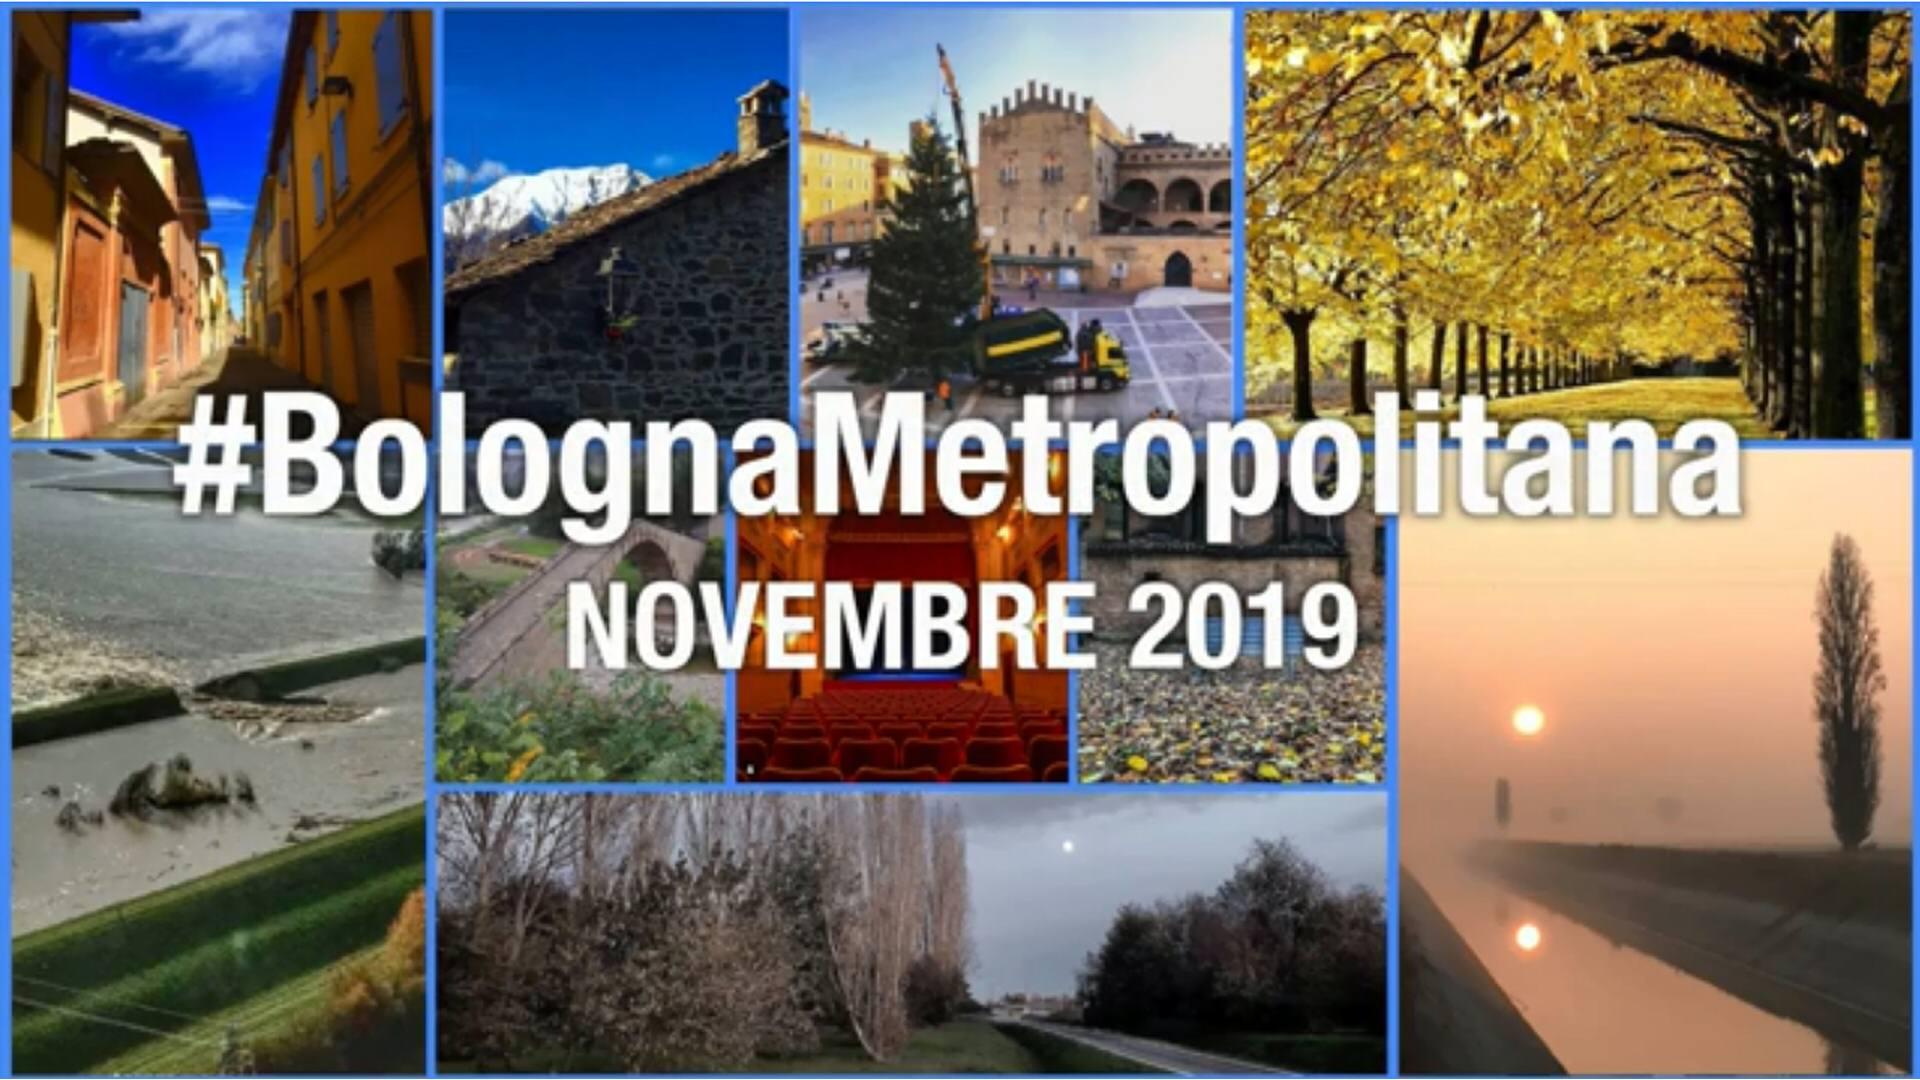 #BolognaMetropolitana - Le immagini più belle di novembre 2019